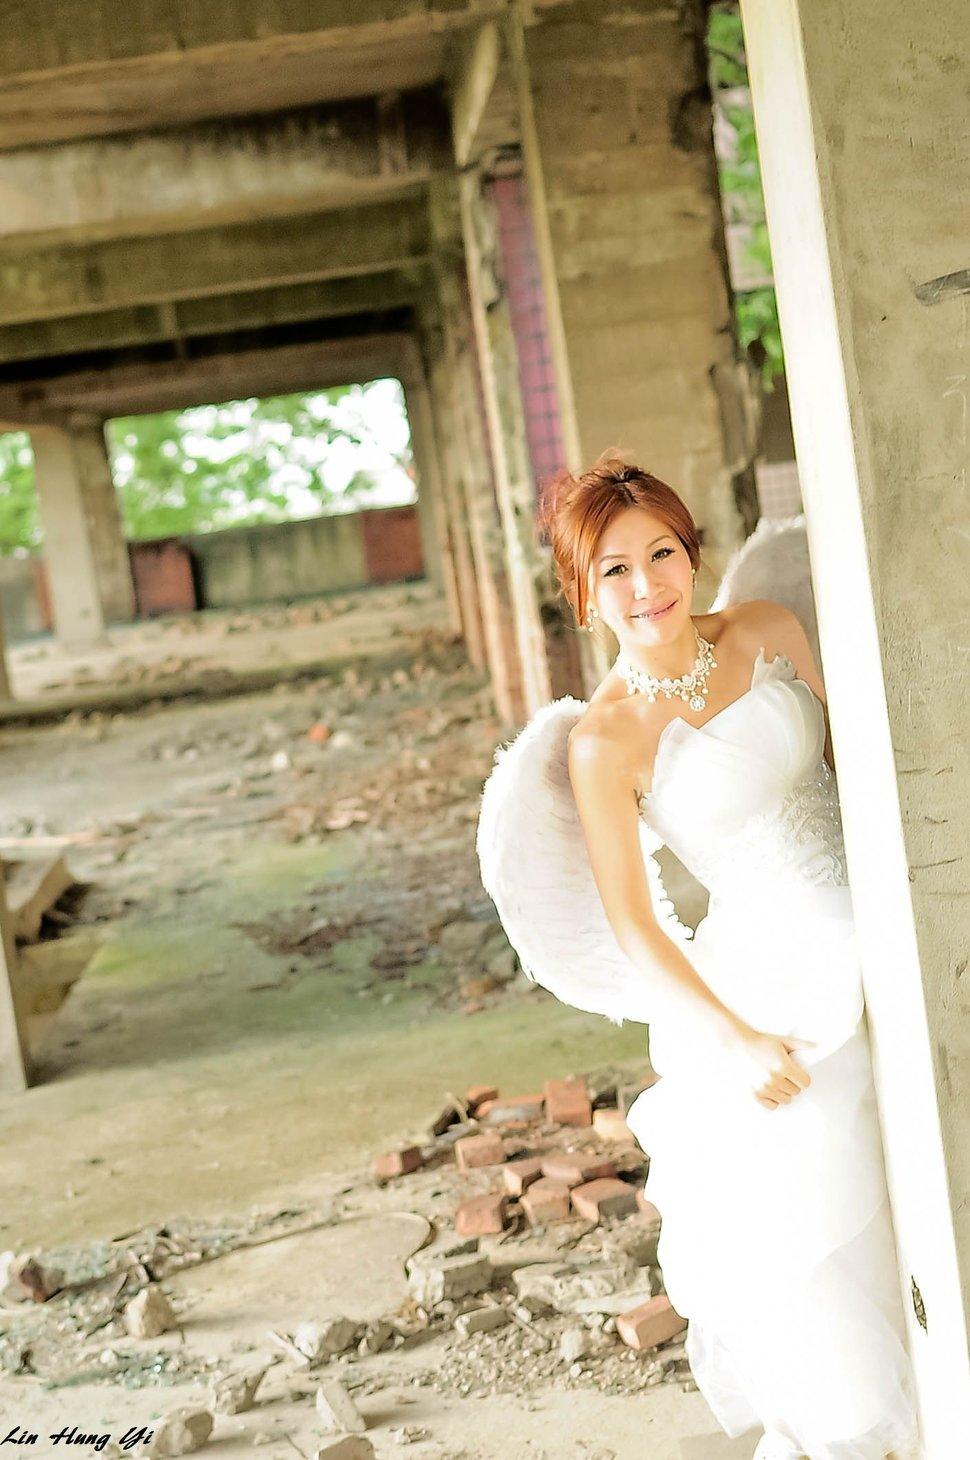 dsc_1021-1_26635752179_o - 小林哥Hung YI攝影工作室《結婚吧》